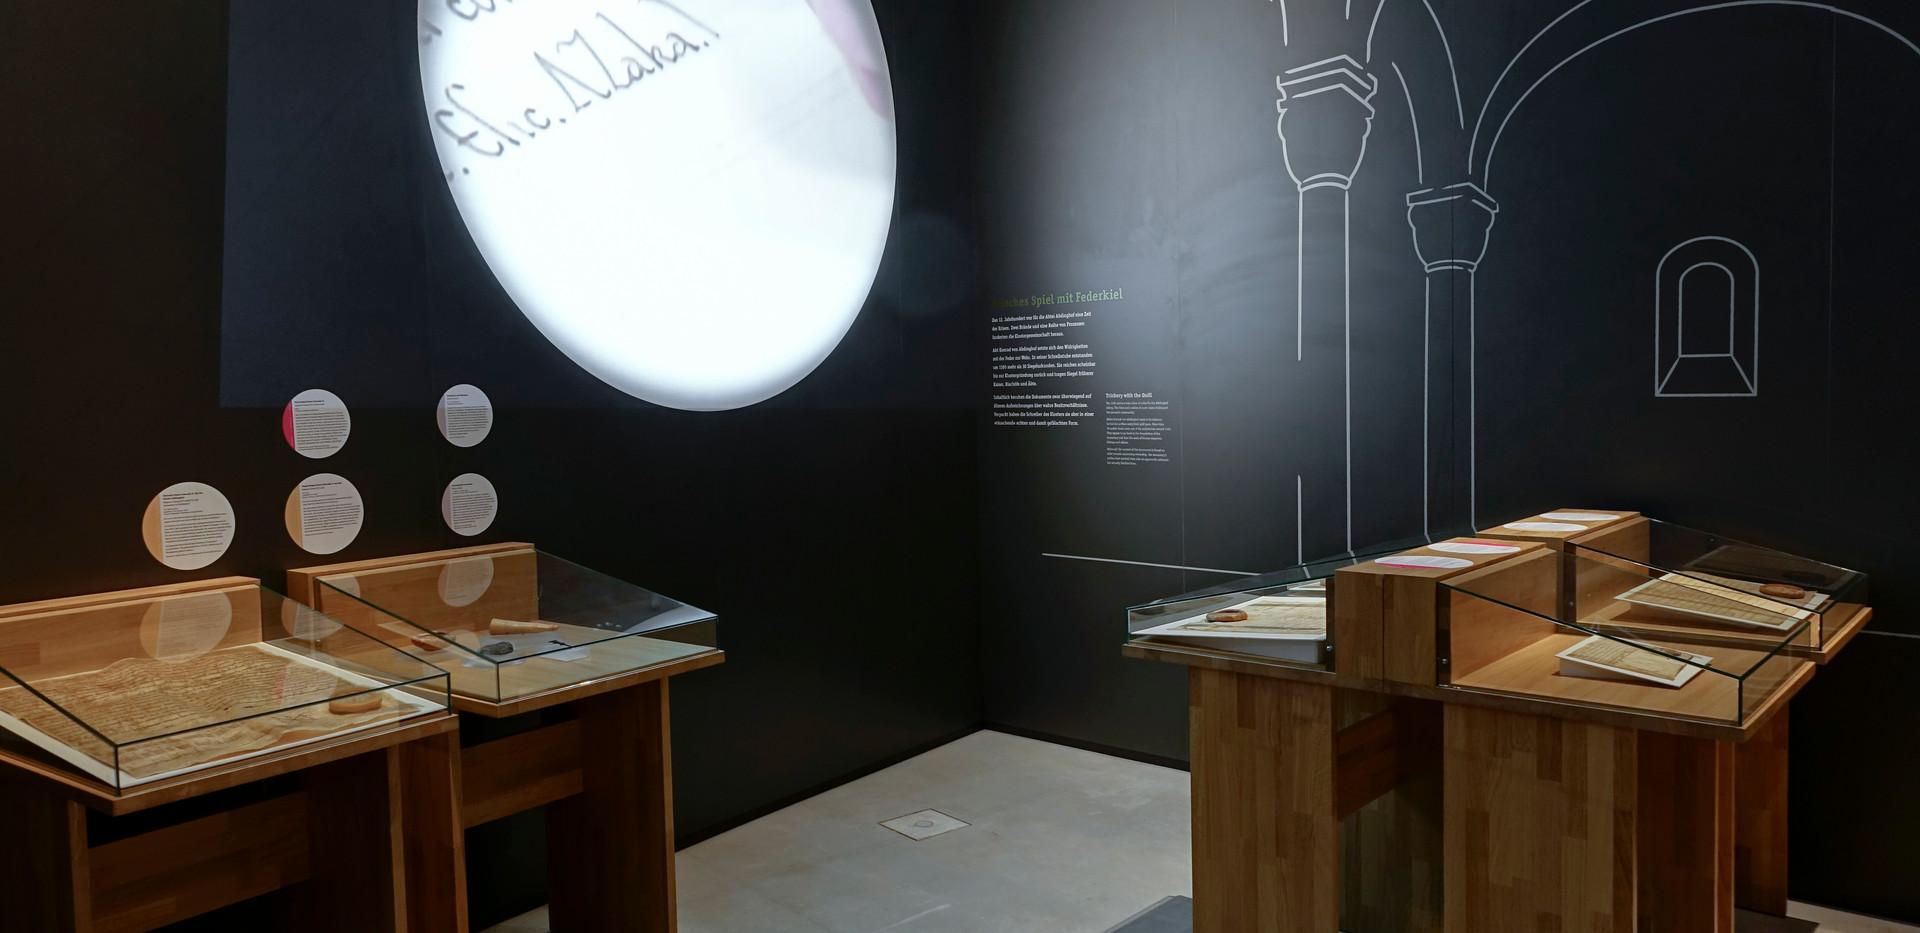 #Digitaler#Großformatdruck#Ausstellungsbau